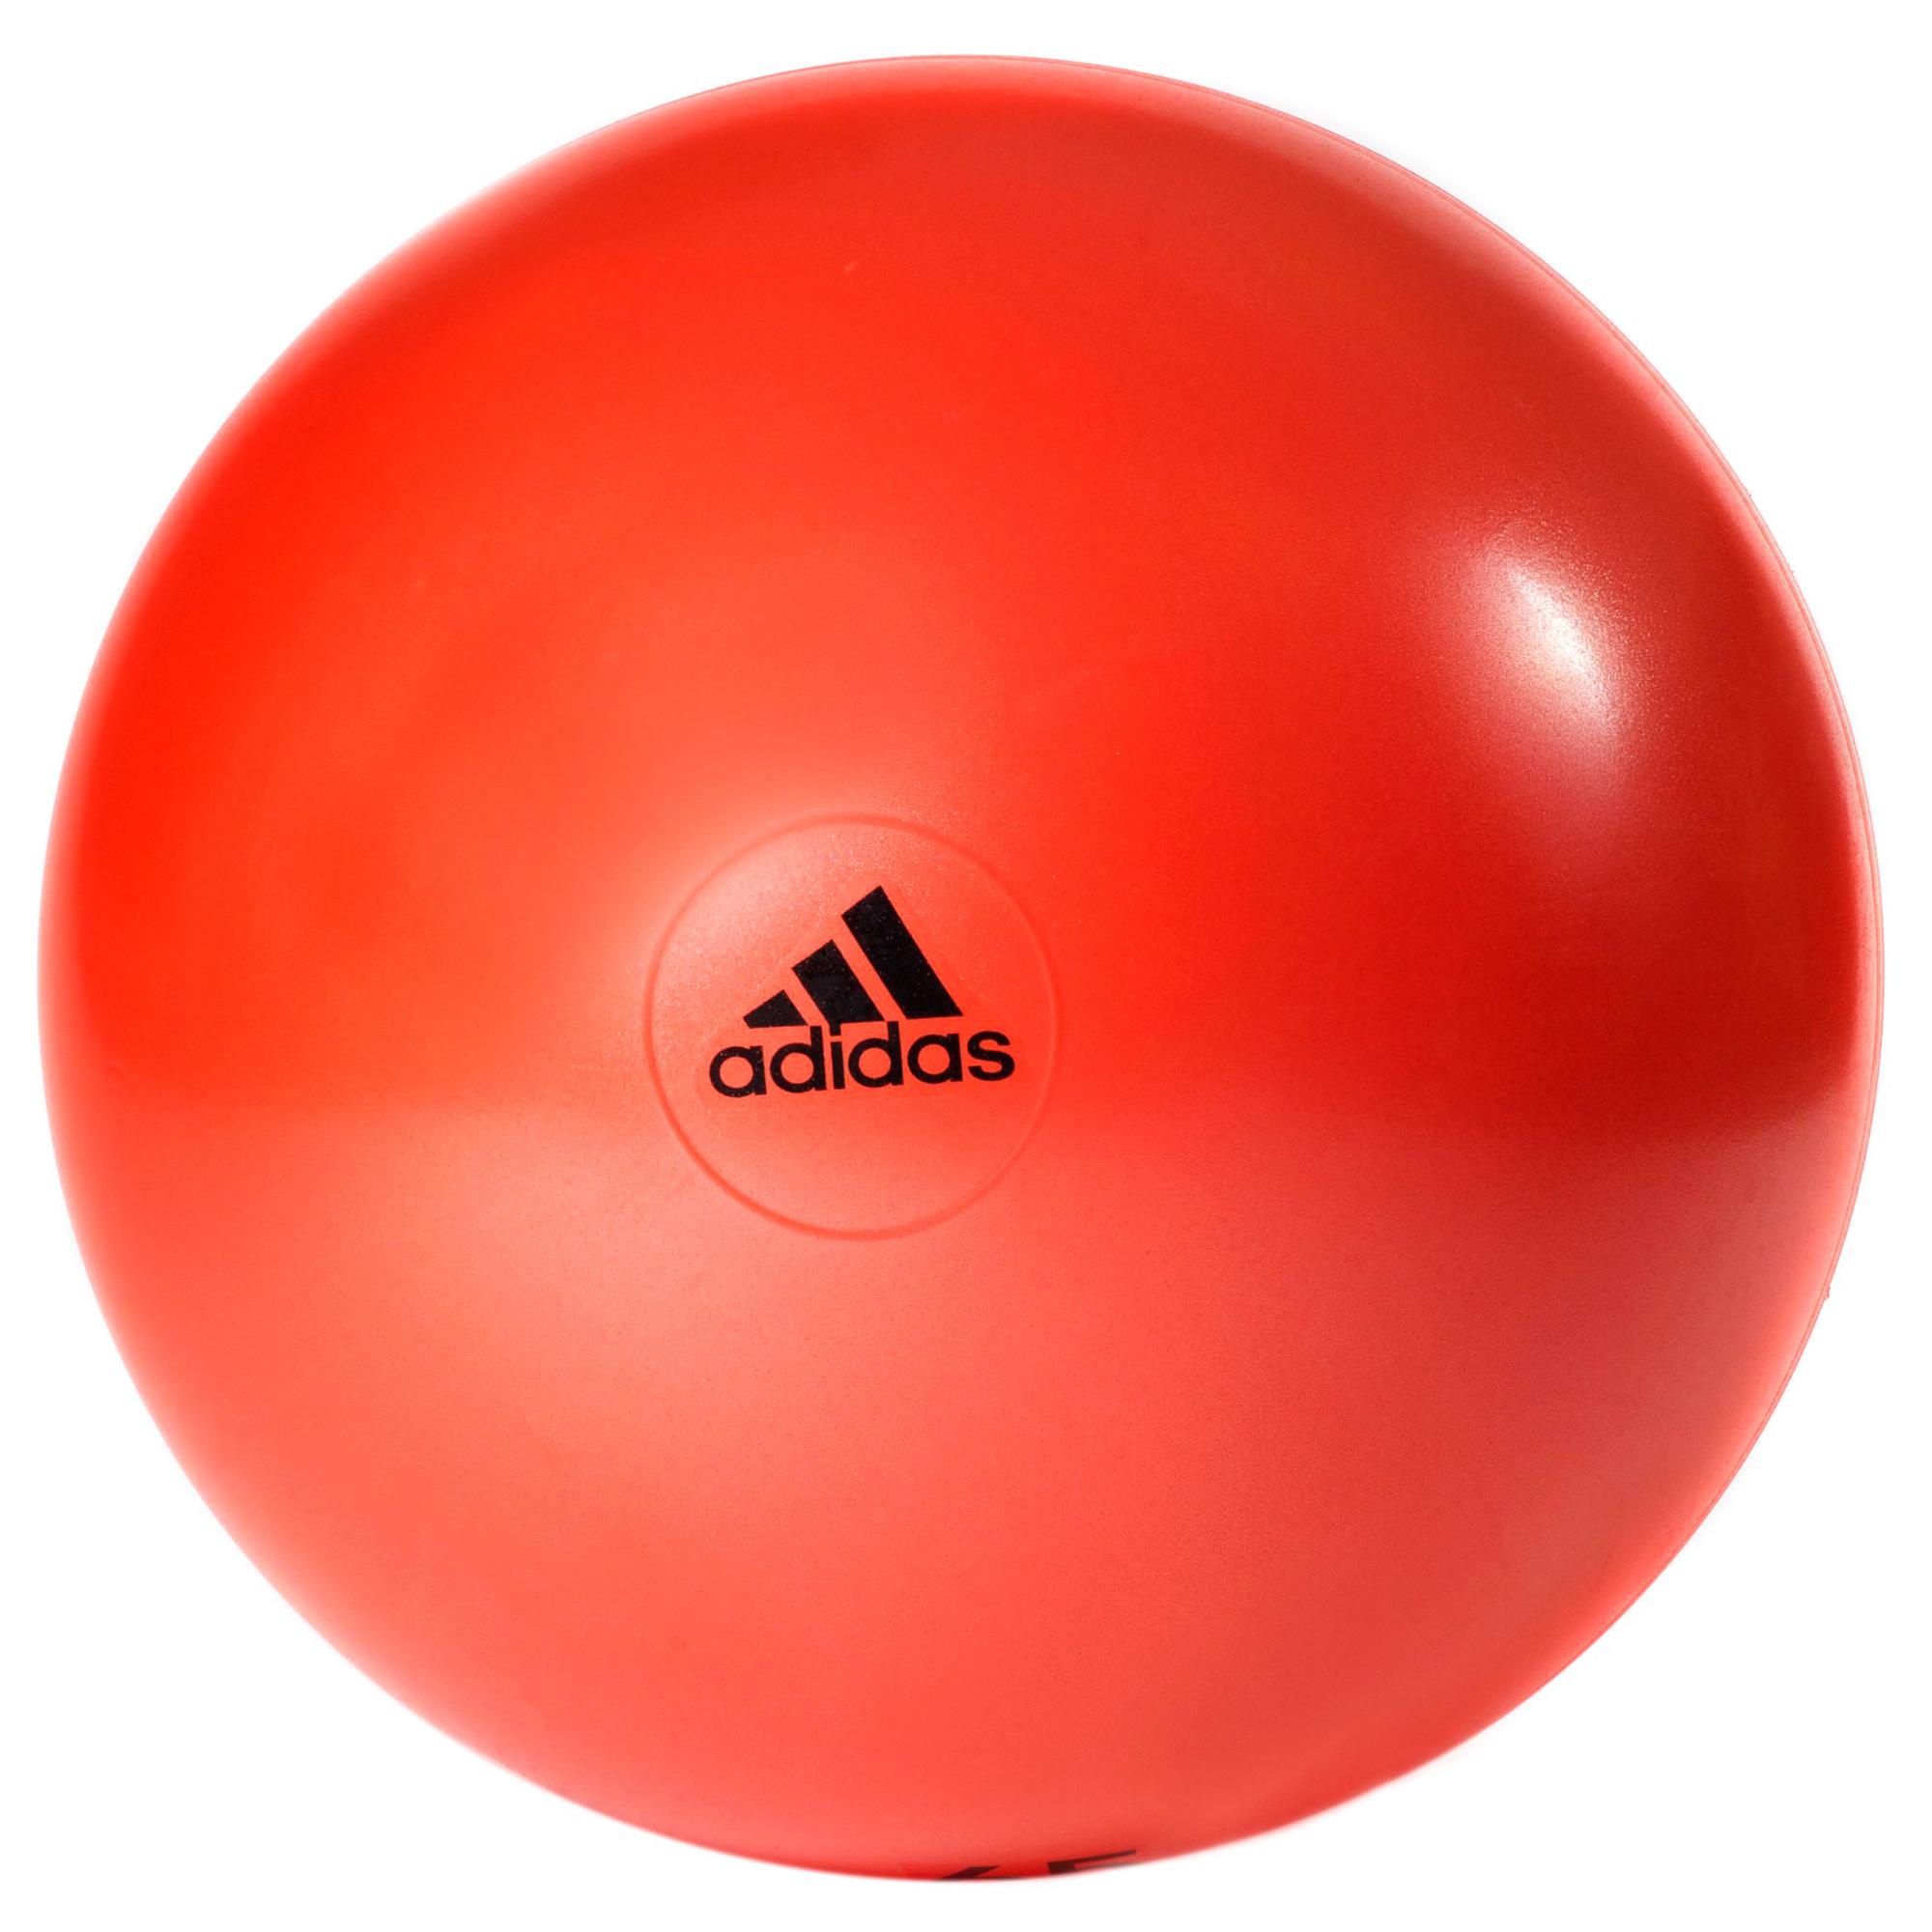 adidas 55cm Gym Ball  Orange